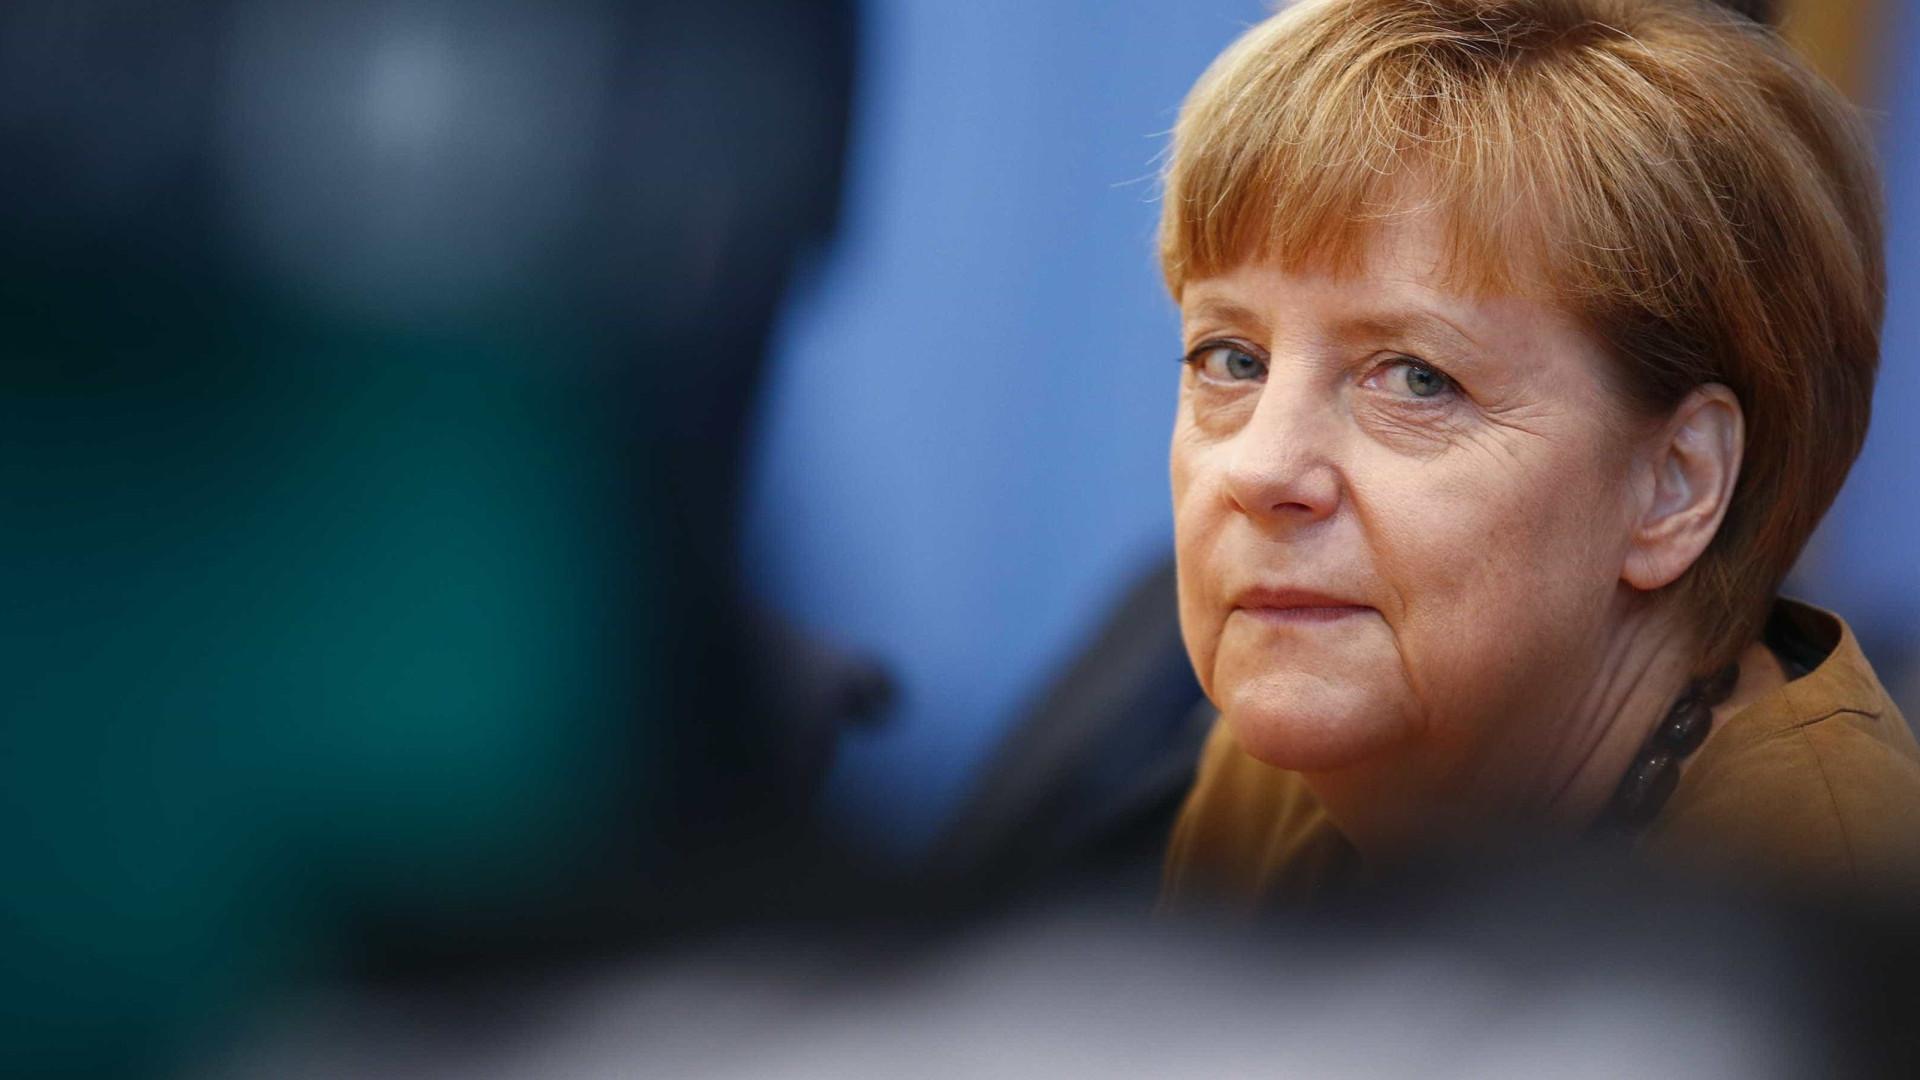 Merkel desmente Trump sobre aumento do crime na Alemanha